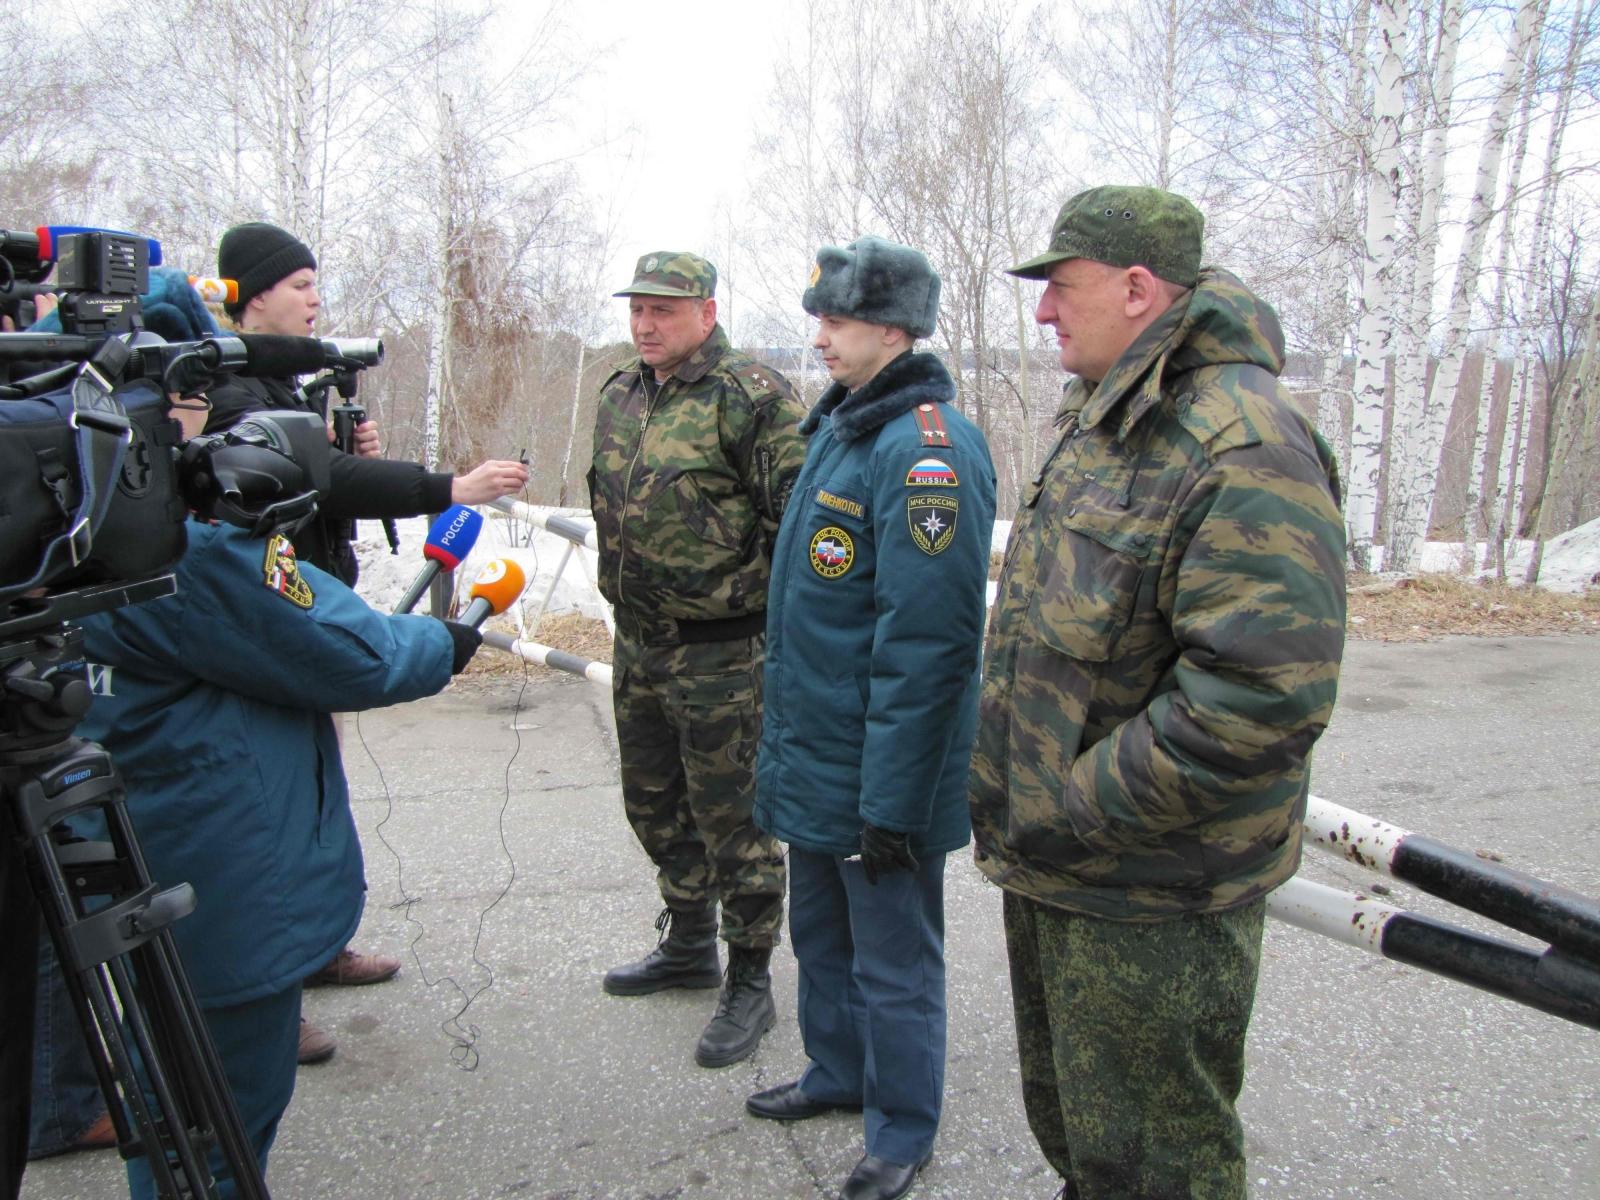 Специалисты на вертолете Сибирского регионального центра МЧС России изучили с воздуха паводковую обстановку на Томи, 14 апреля 2015 года